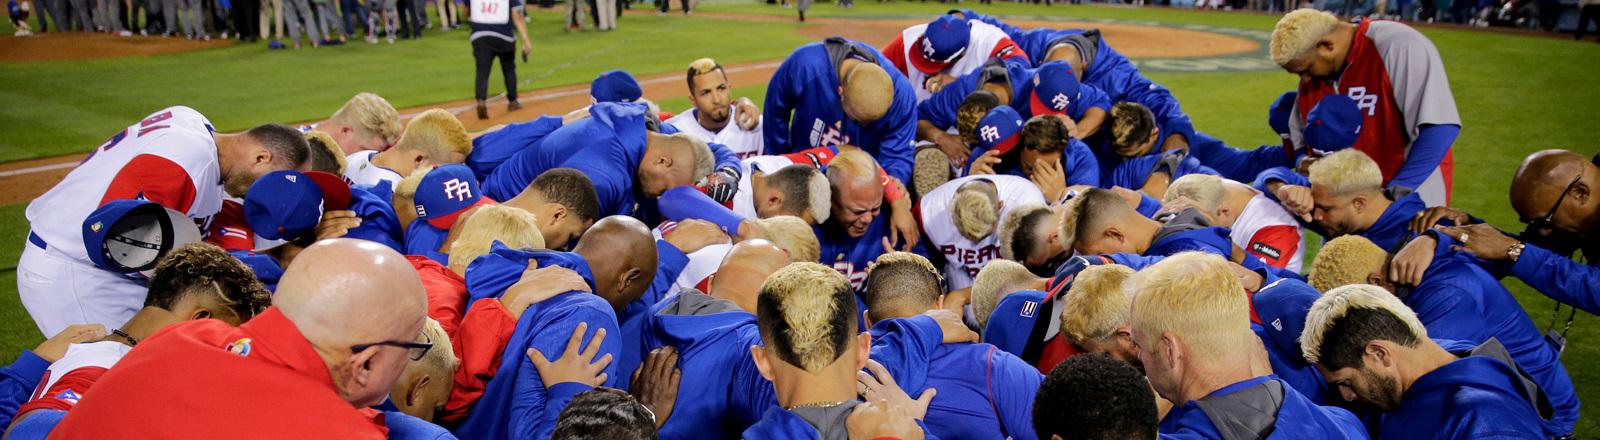 Das Basebeall-Team von Puerto Rico mit auffallend vielen blondierten Köpfen